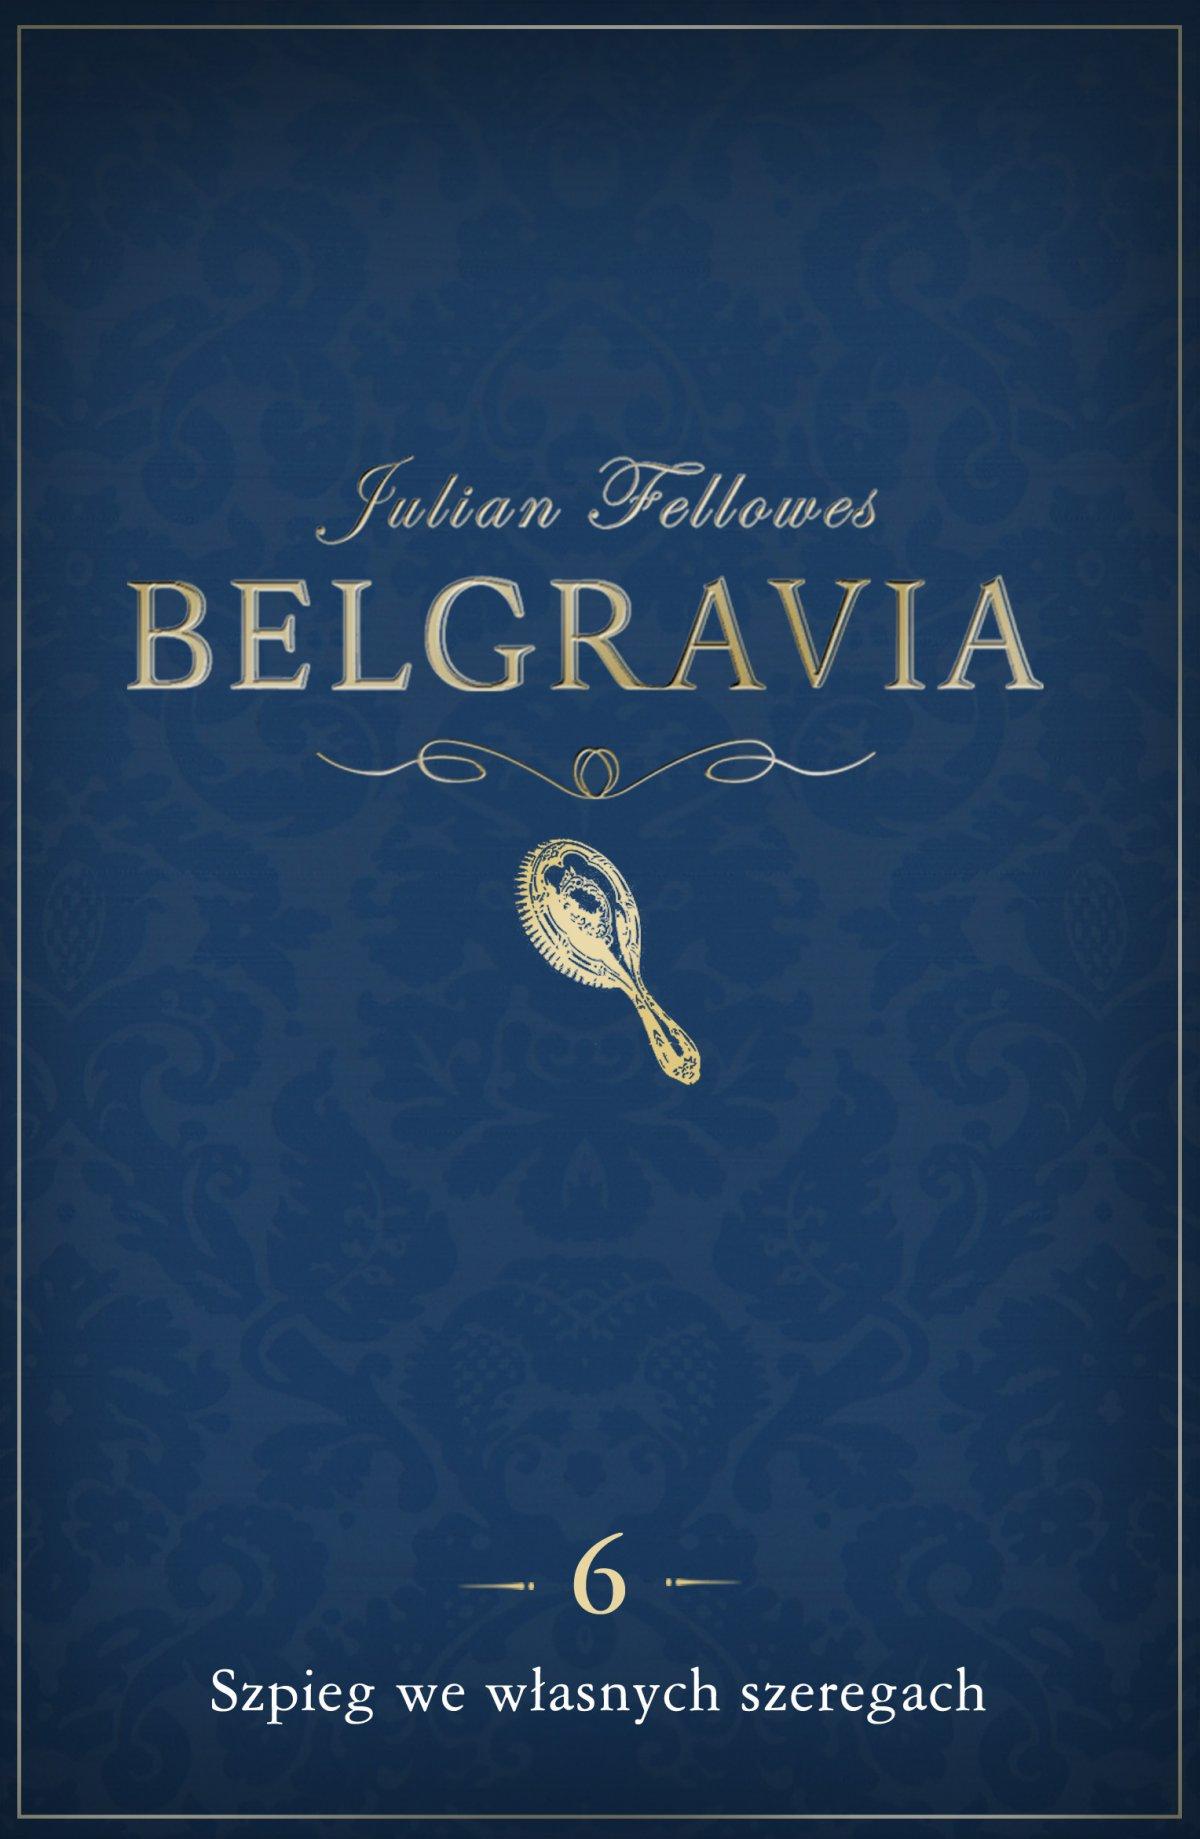 Belgravia Szpieg we własnych szeregach. Odcinek 6 - Ebook (Książka na Kindle) do pobrania w formacie MOBI